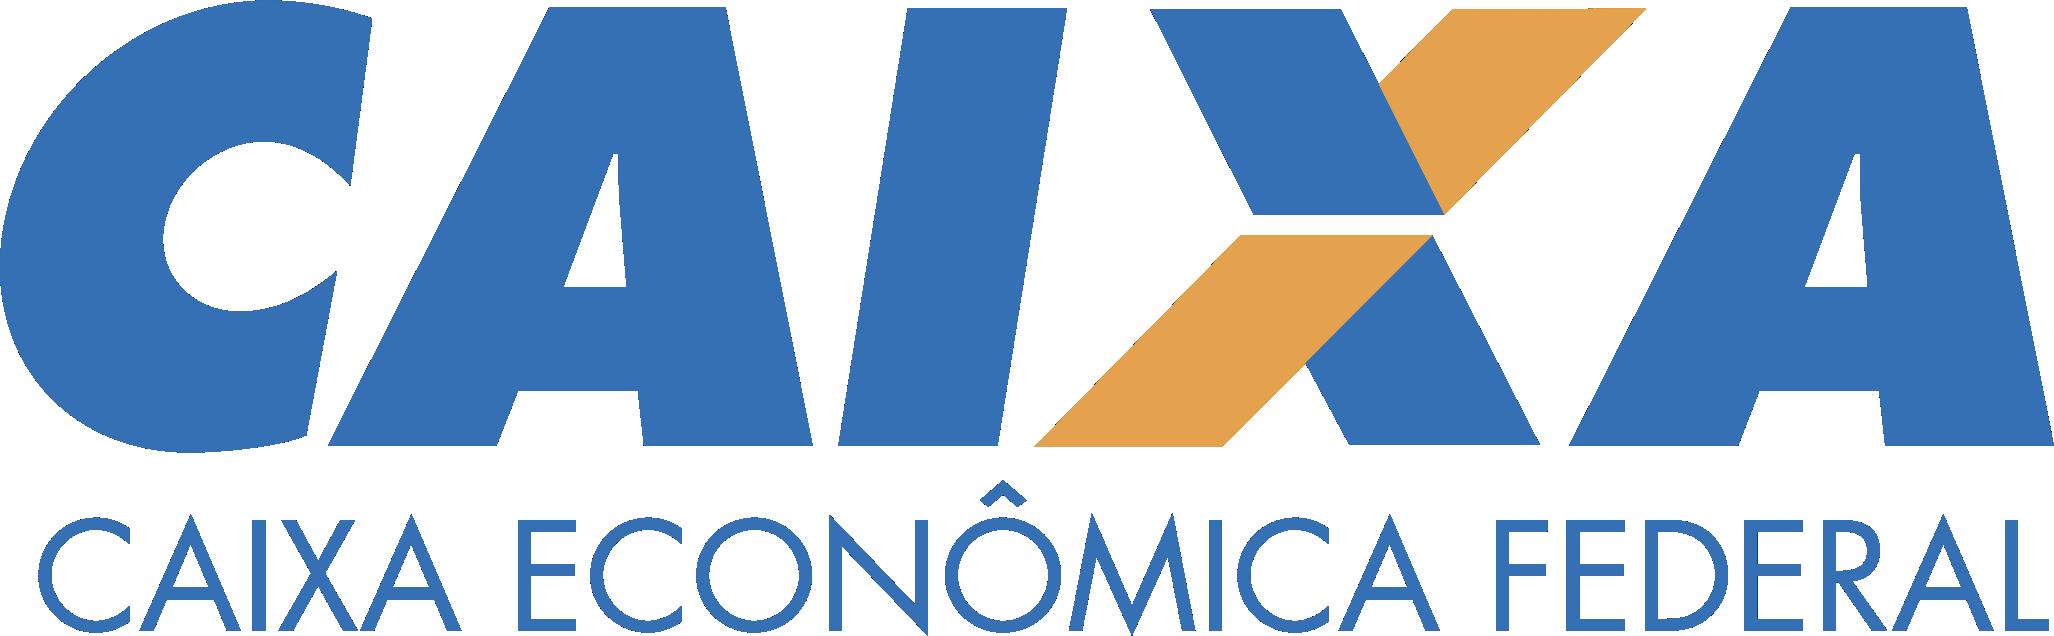 caixaeconomica